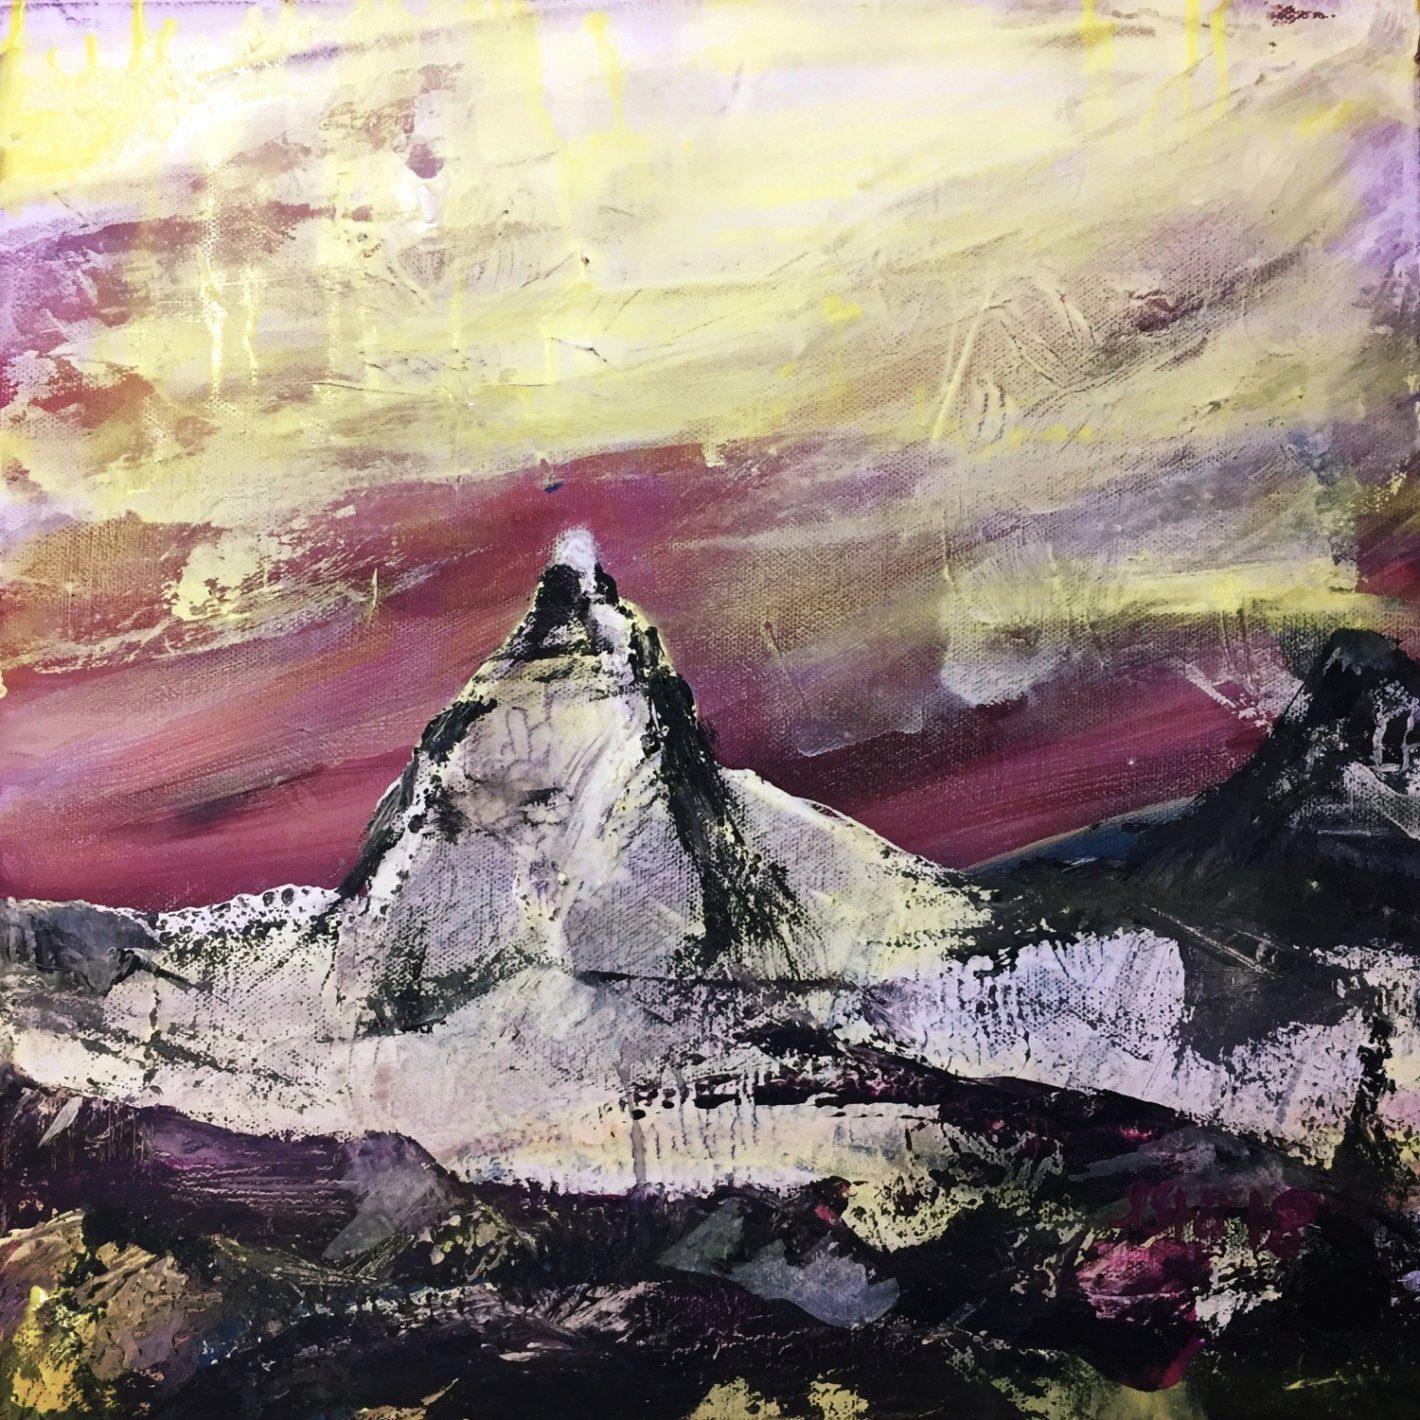 Hohlbaum Art I Sonja Leona I Matterhorn X